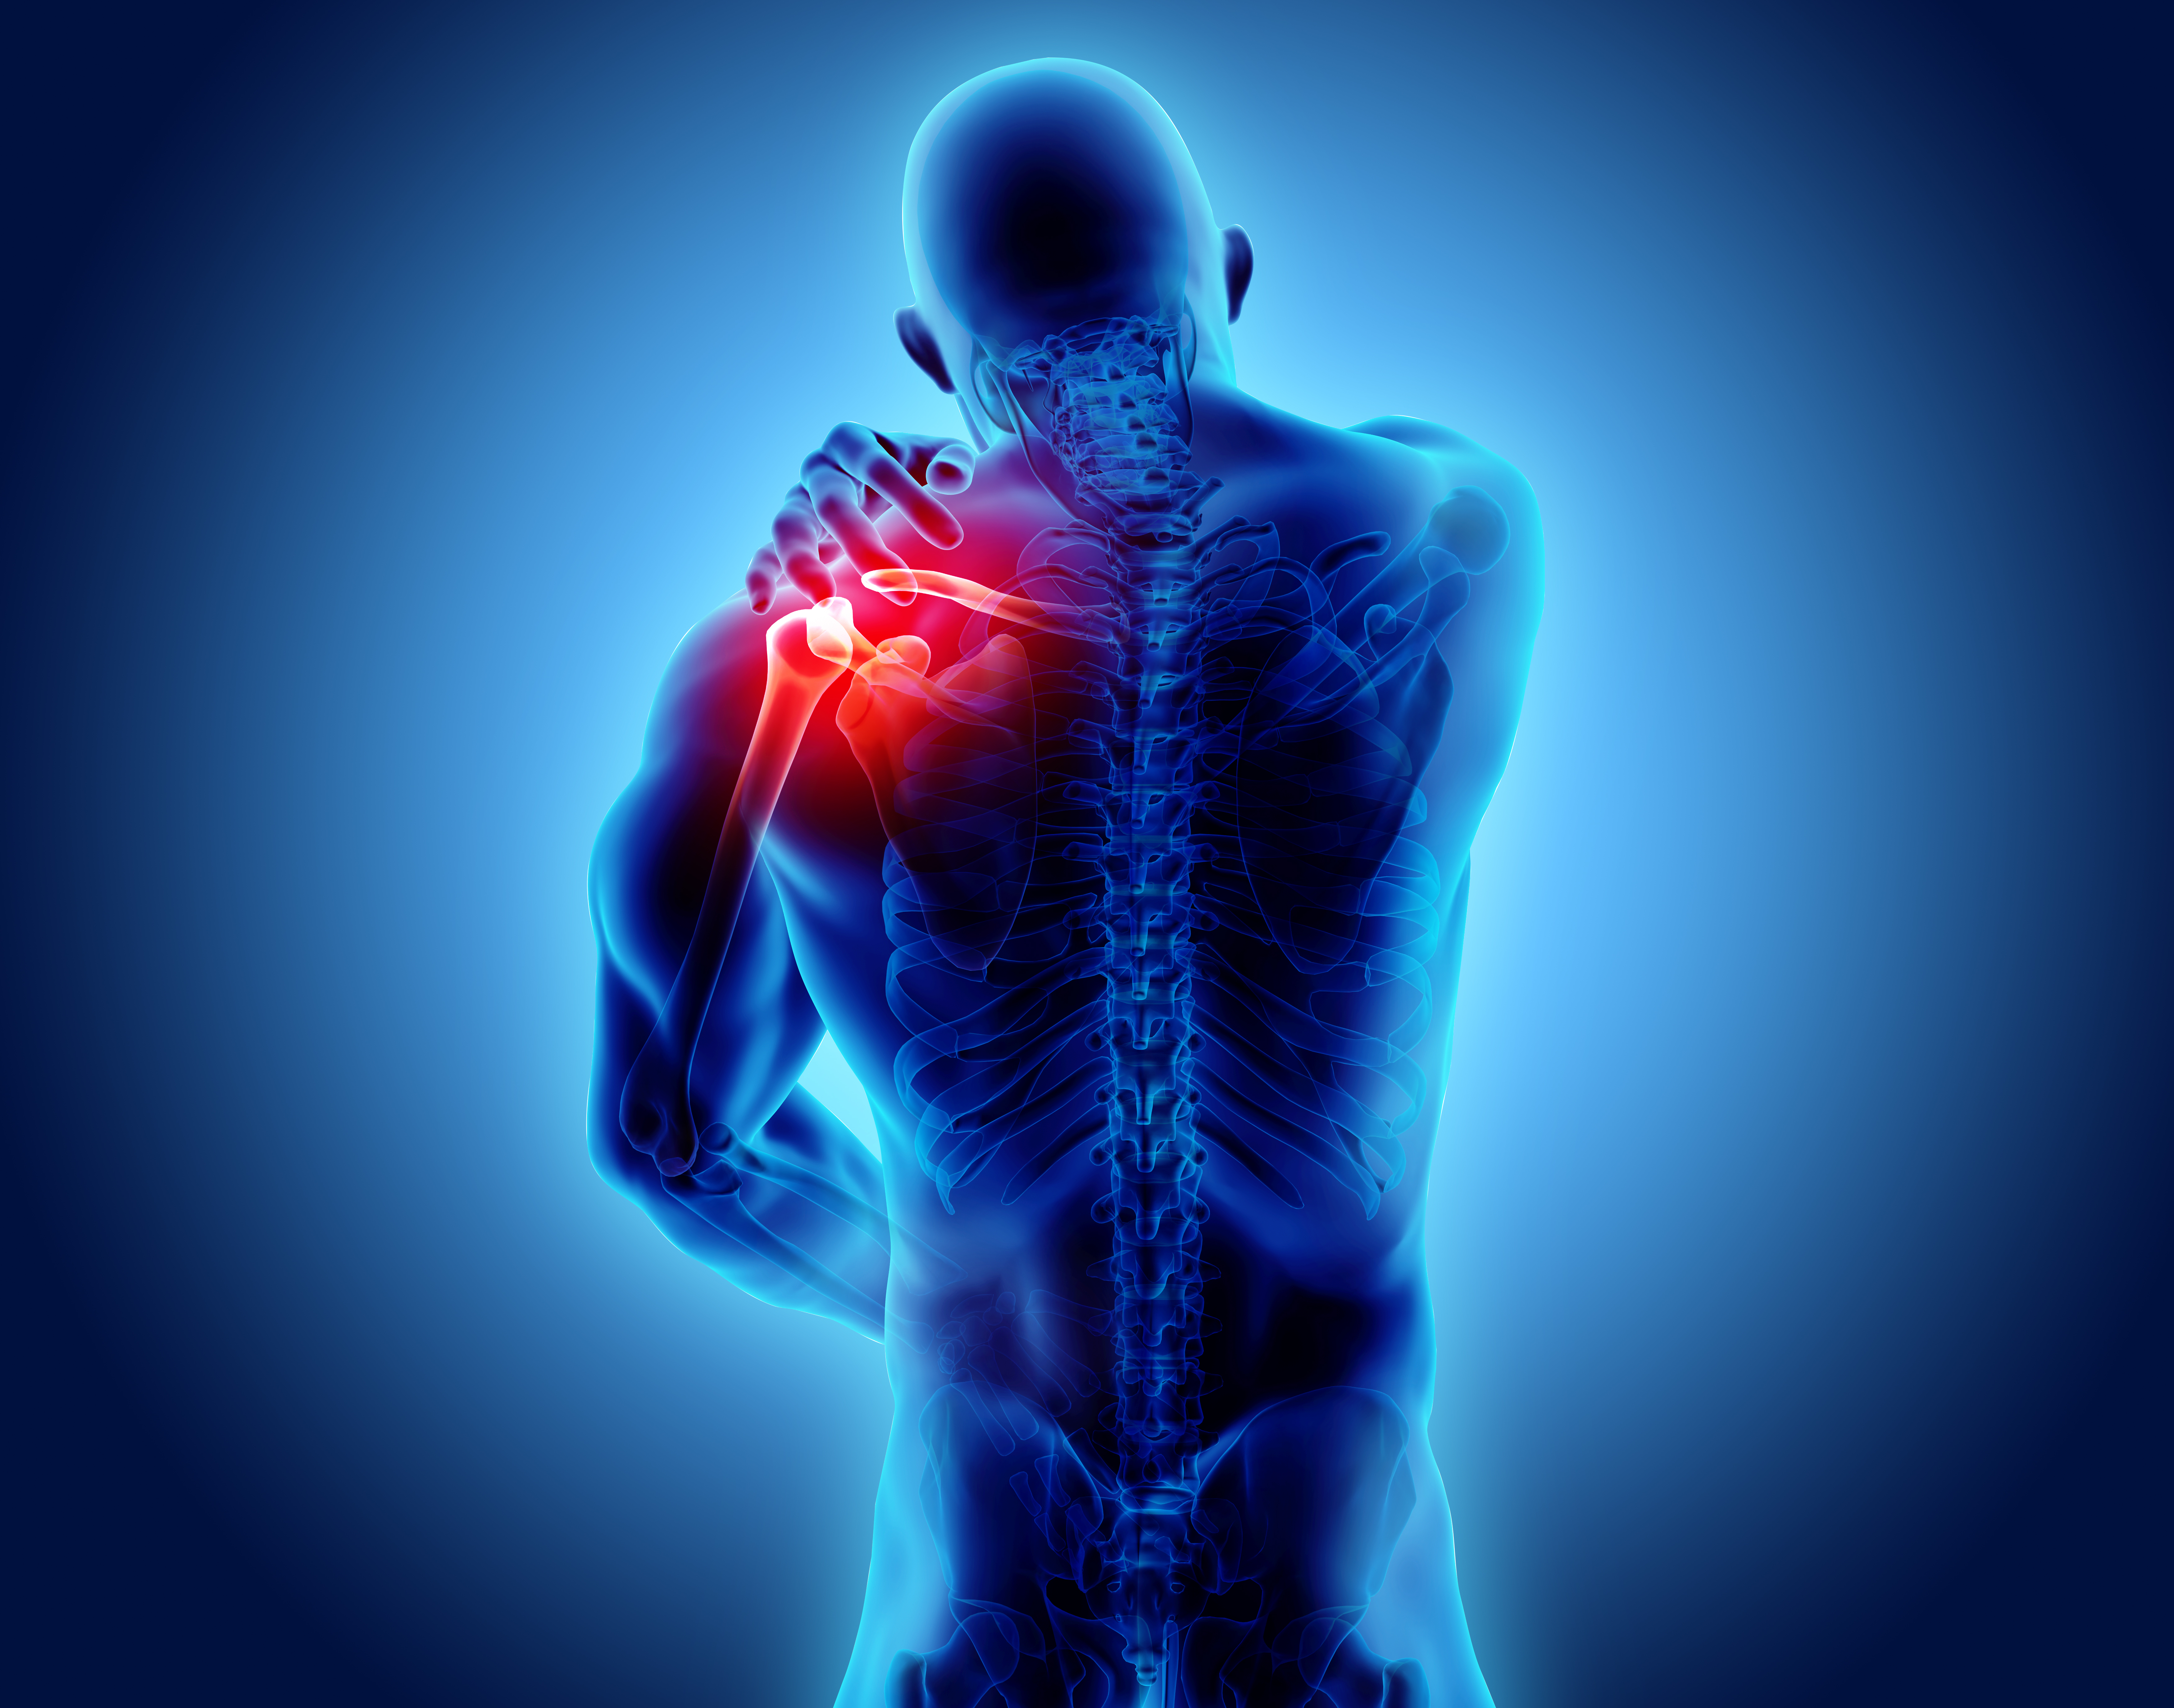 Shoulder Tendon Injury Dr Justin Sherfey